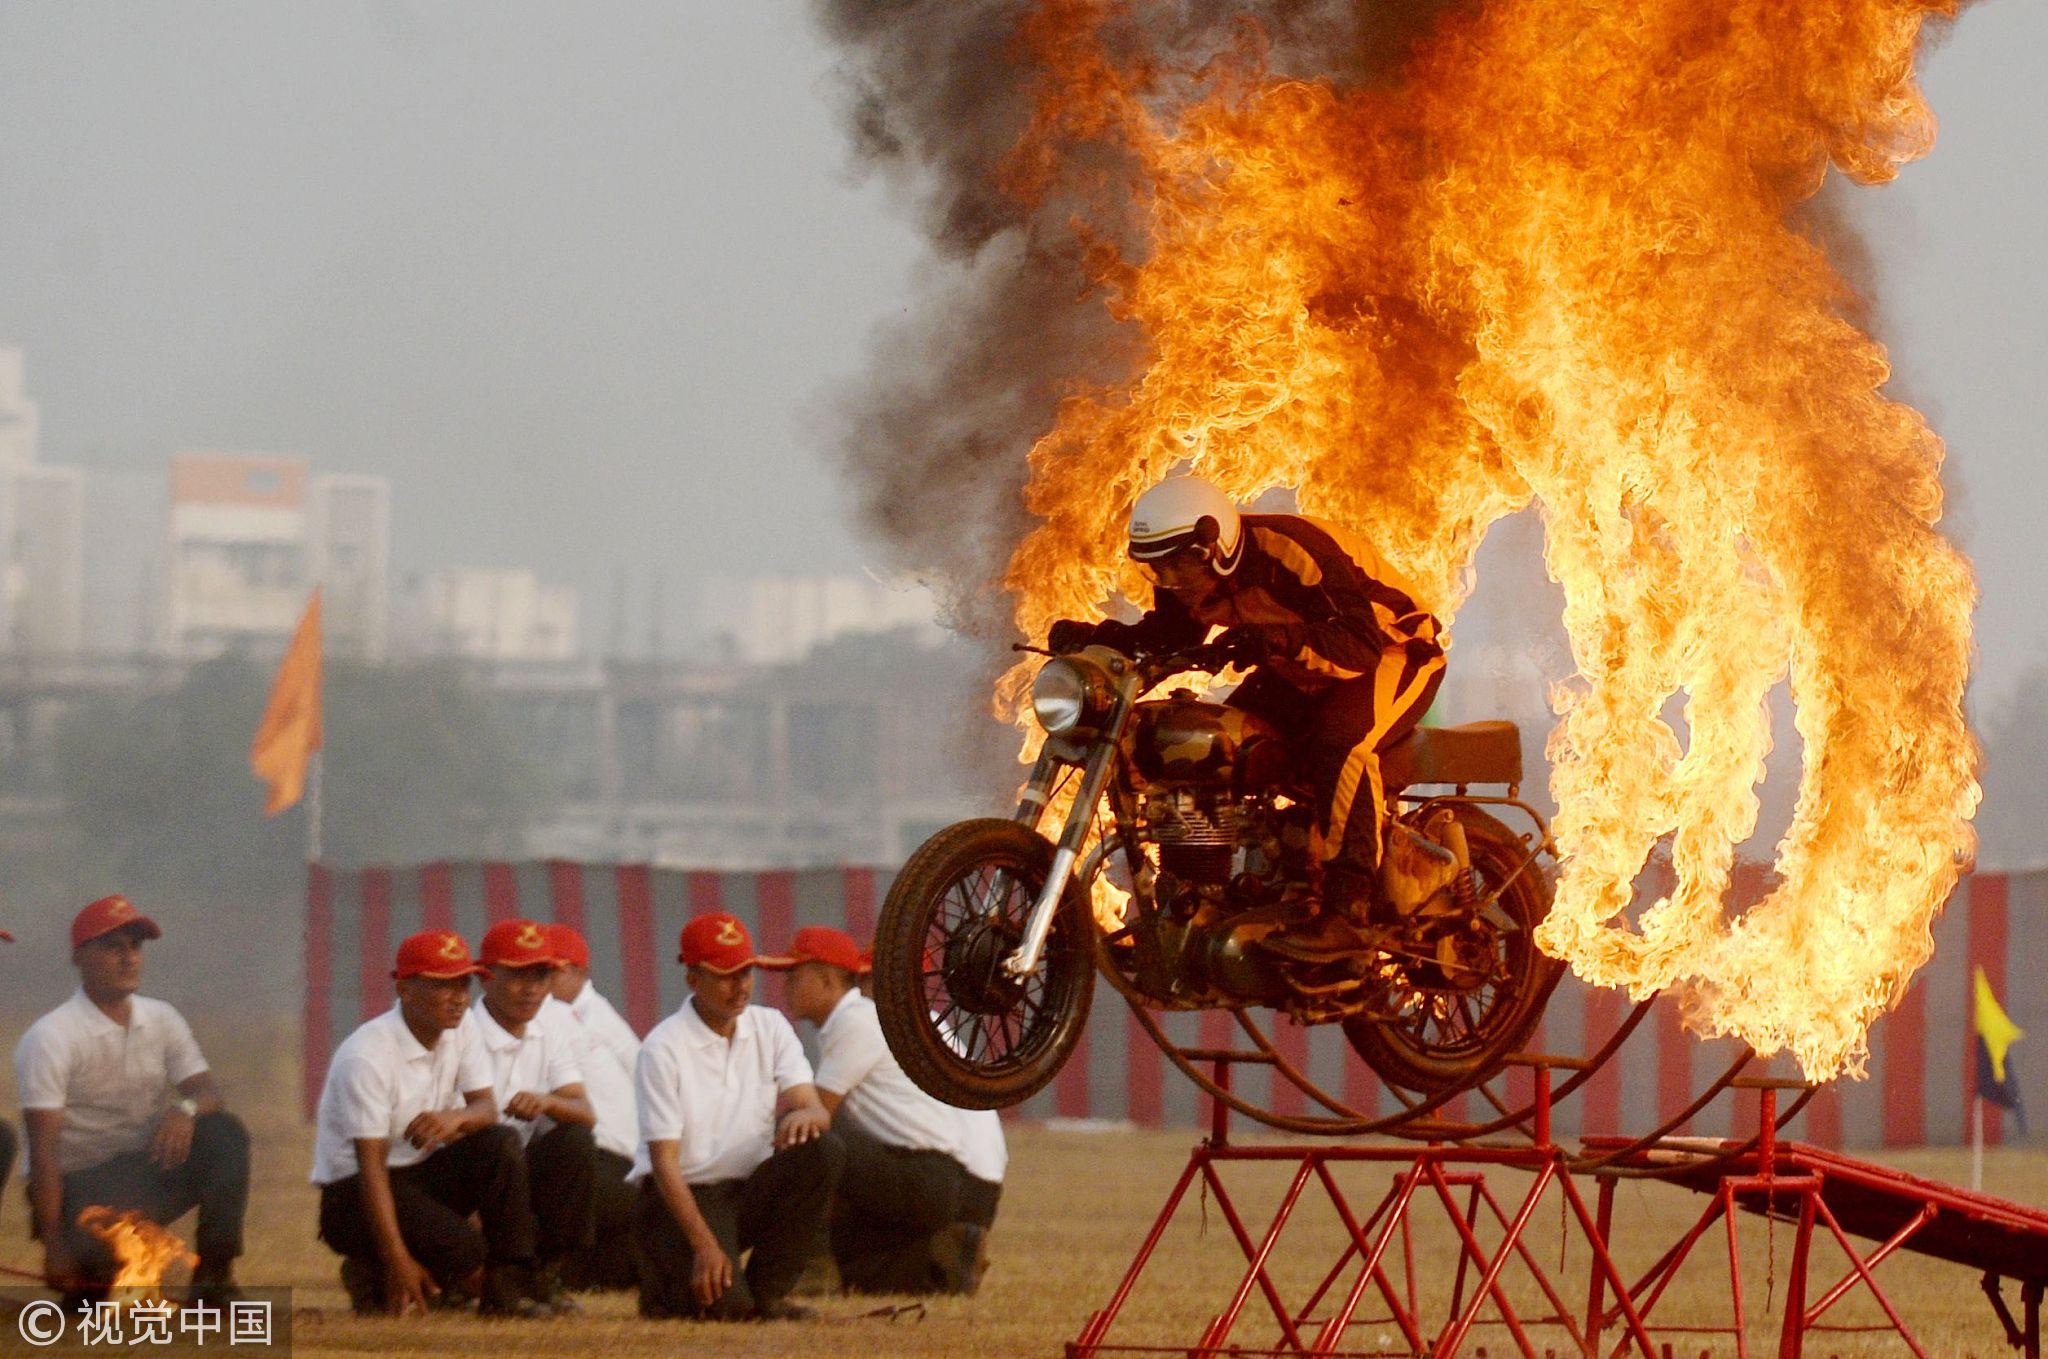 印度士兵组摩托车队钻火圈惊险刺激!!! - 周公乐 - xinhua8848 的博客